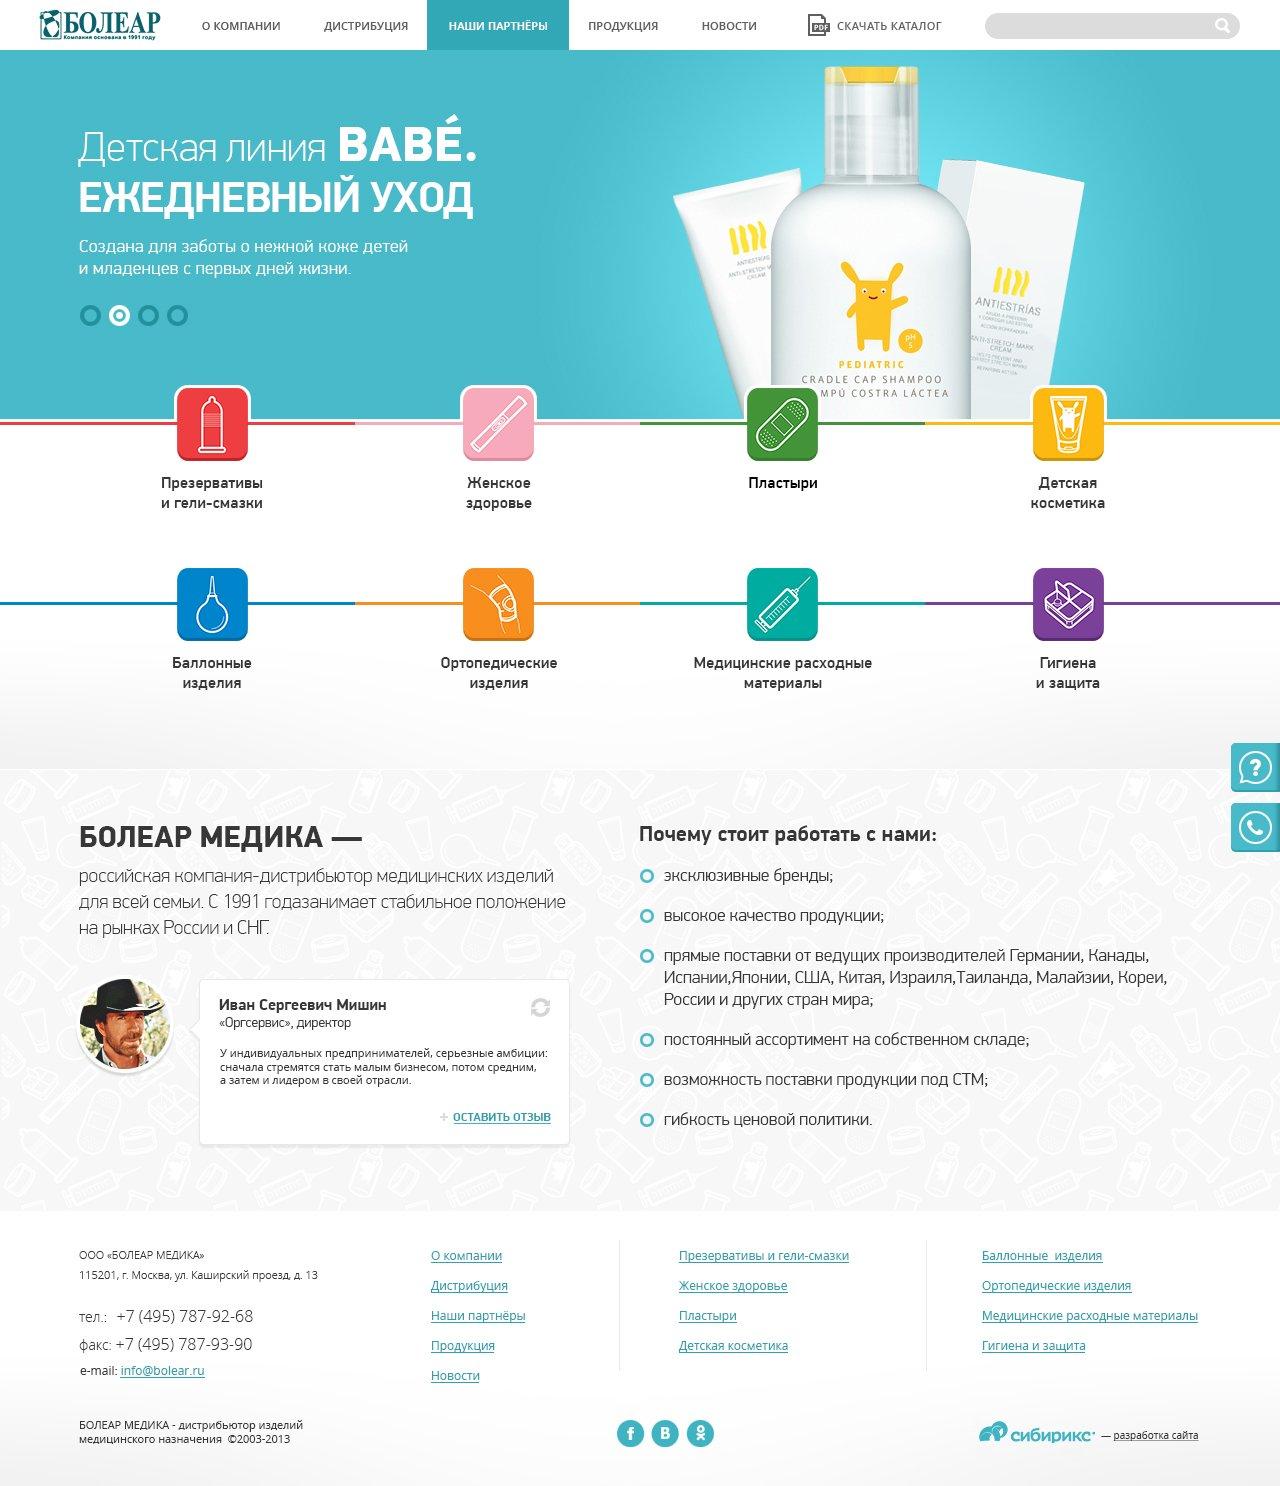 <p><b>Главная страница</b></p><p>Основой для интерфейсного решения послужил фирменный стиль компании сяркими иконками продуктов.</p>